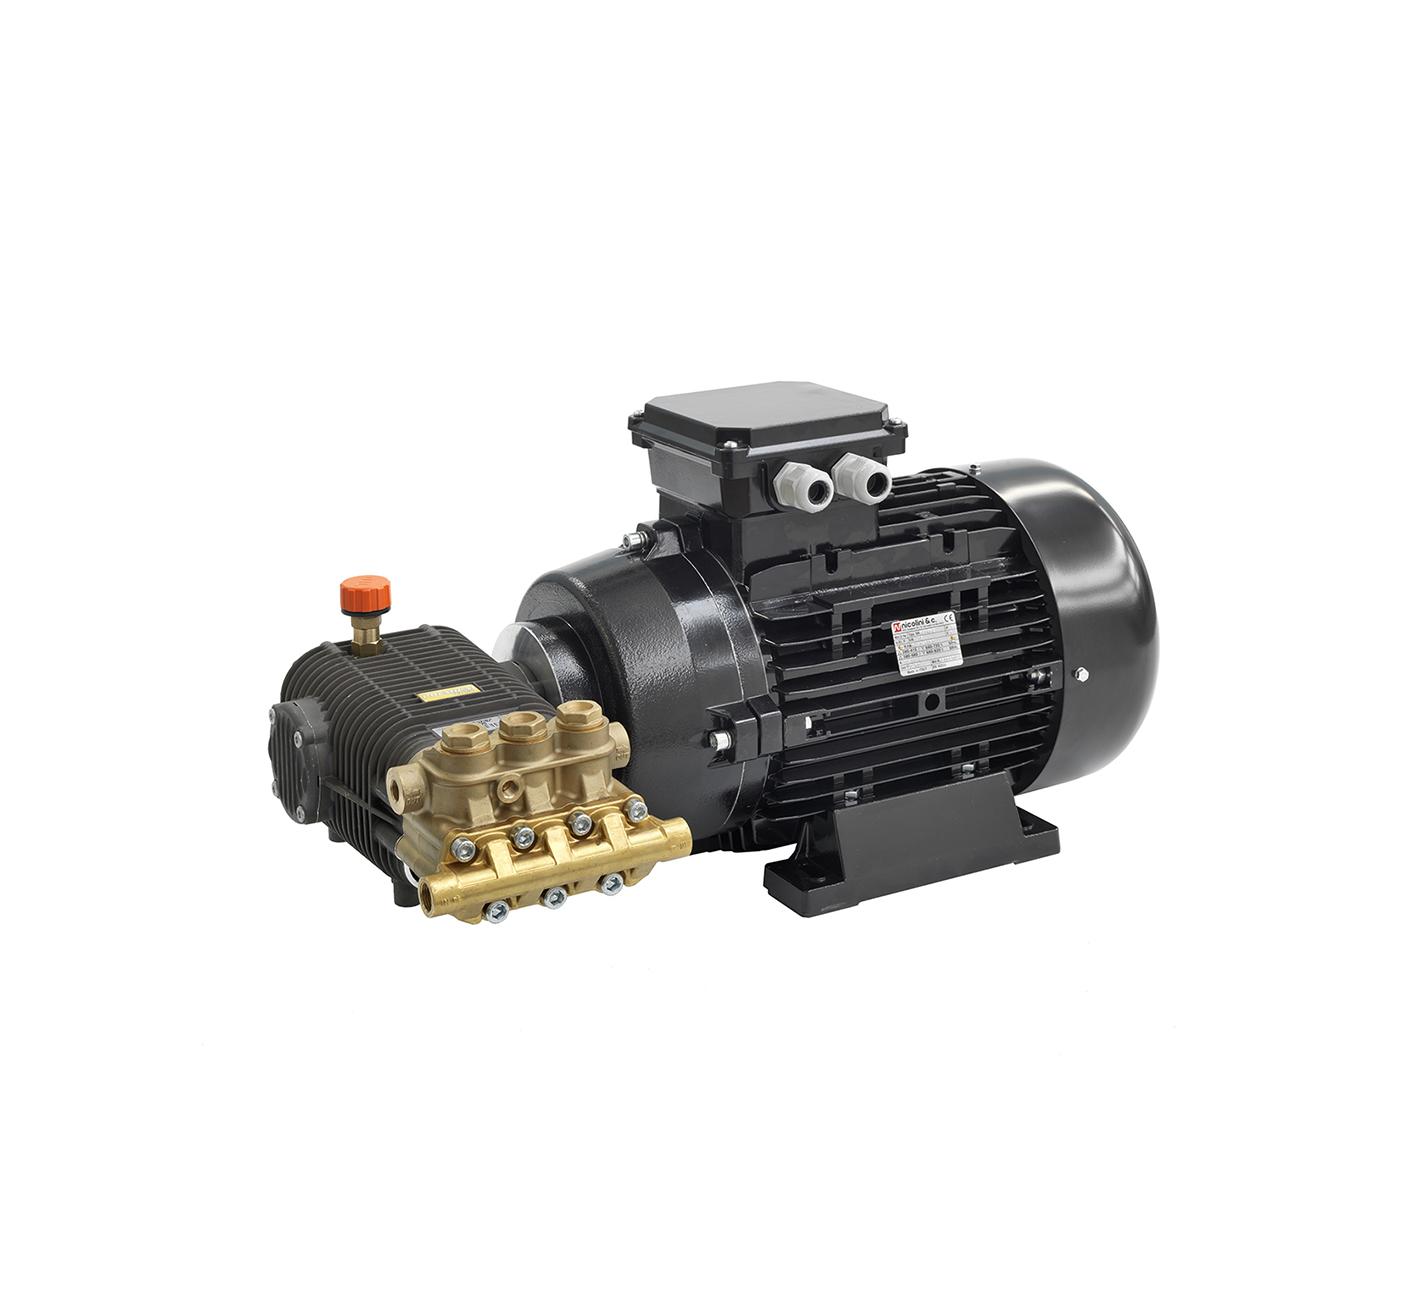 MTP TW 500 Comet Industrial Pumps